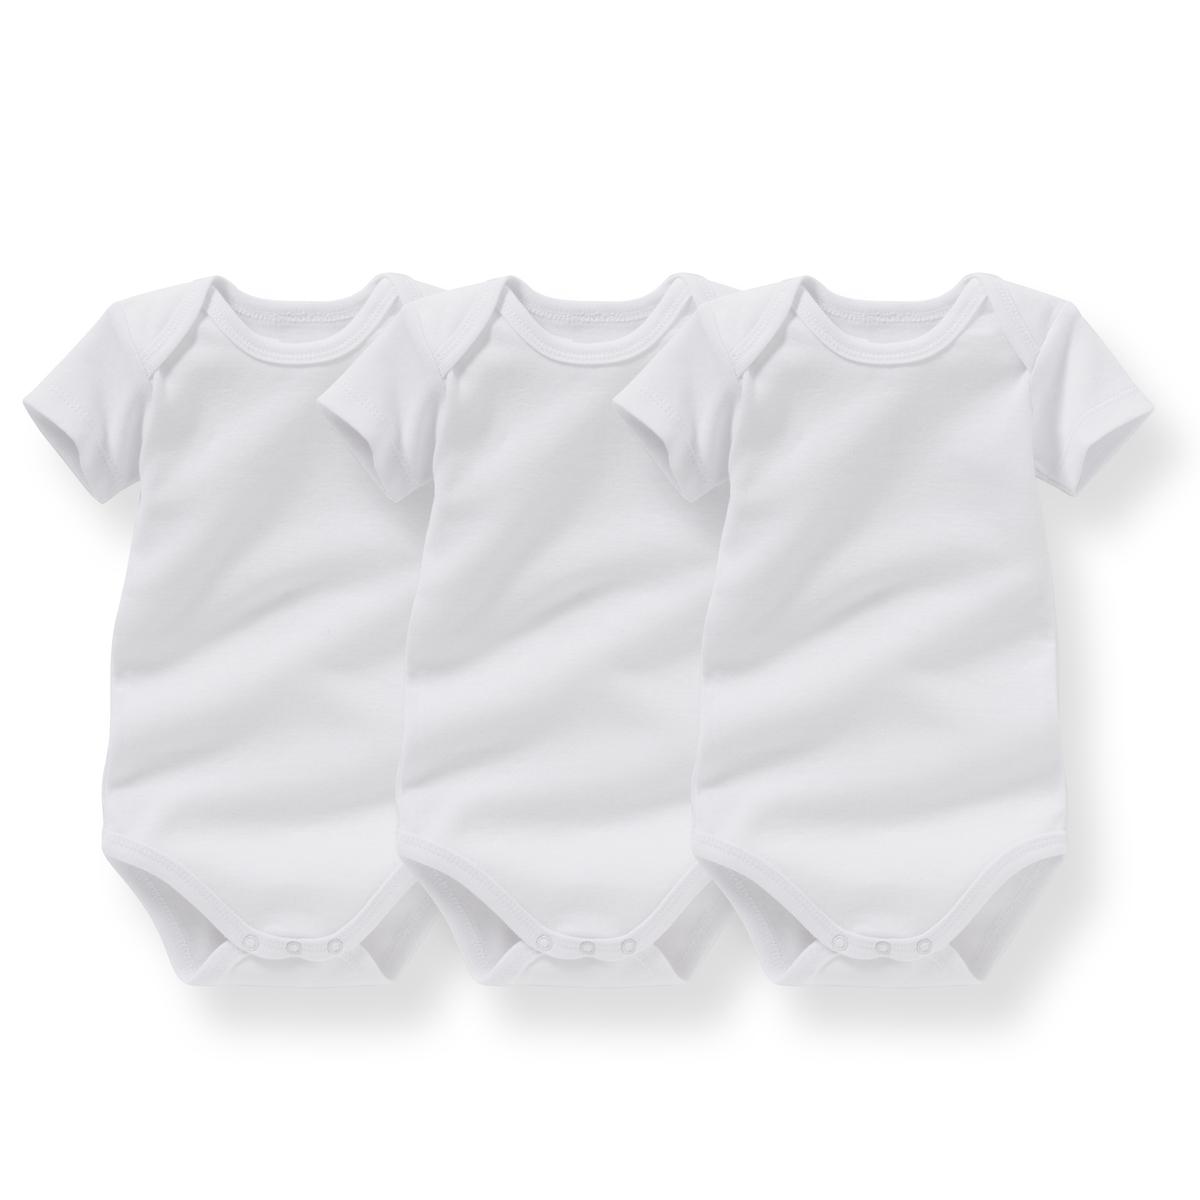 Фото Комплект из 3 боди для новорожденных, 0 мес. - 3 года